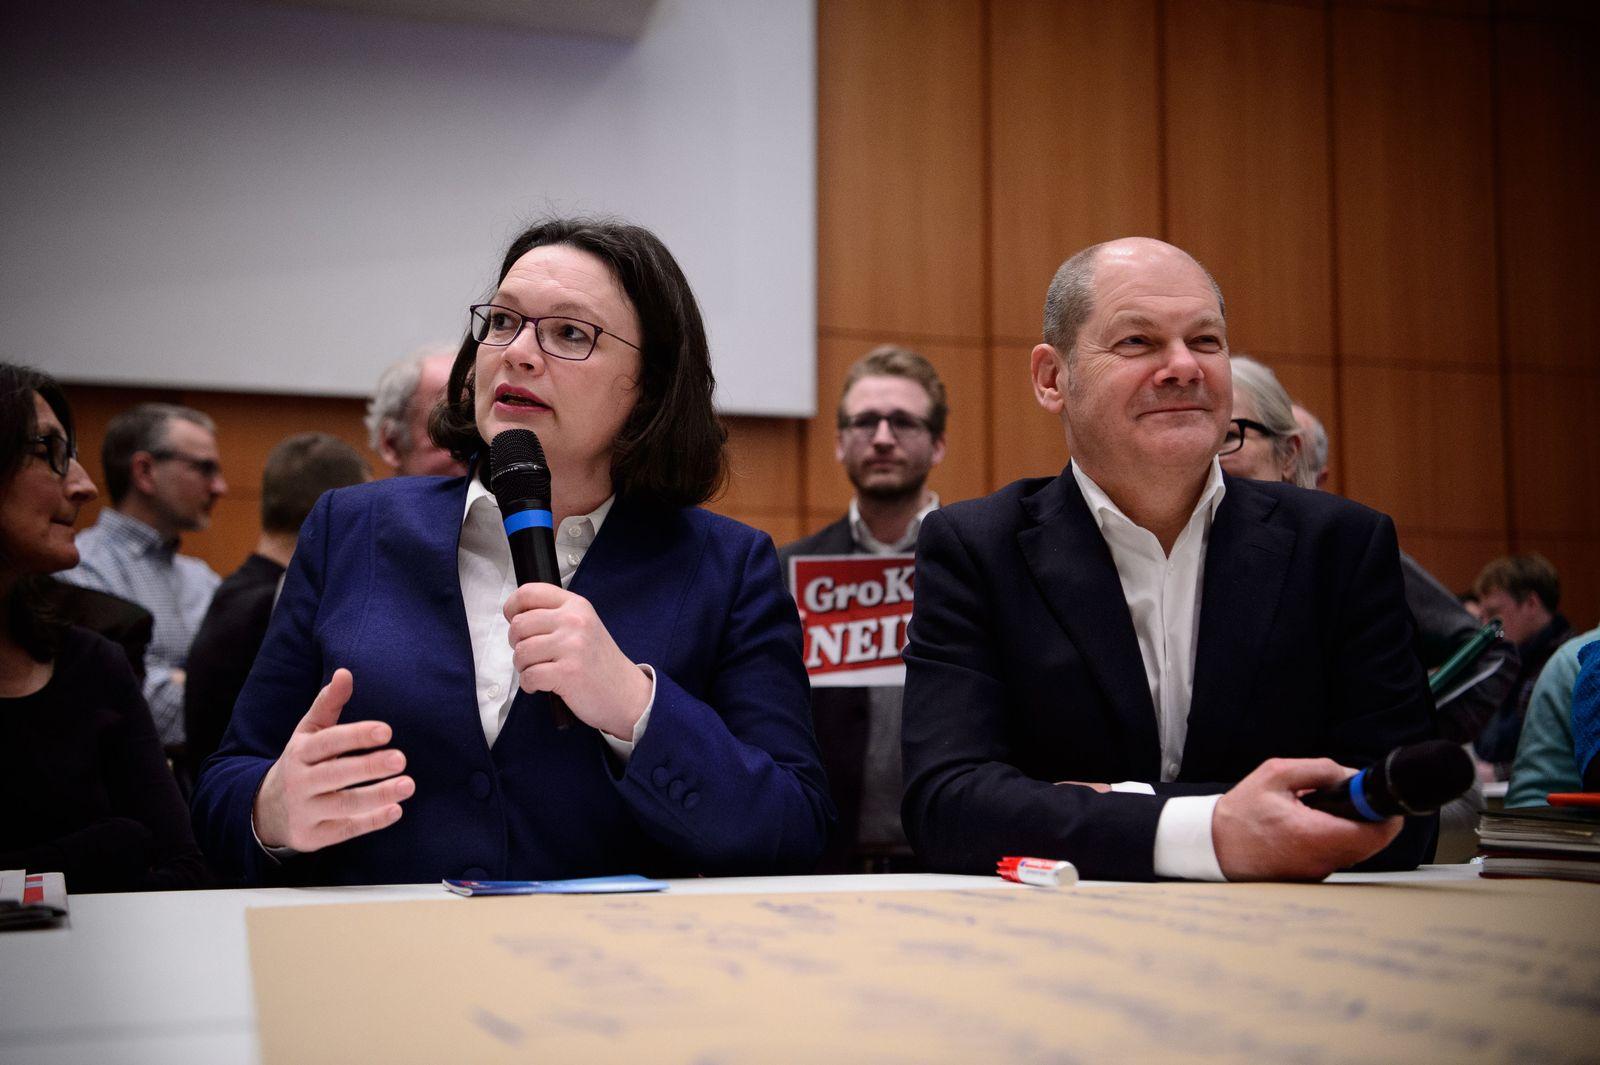 Andrea Nahles/ Olaf Scholz/ SPD-Regionalkonferenz für Baden-Württemberg und Bayern